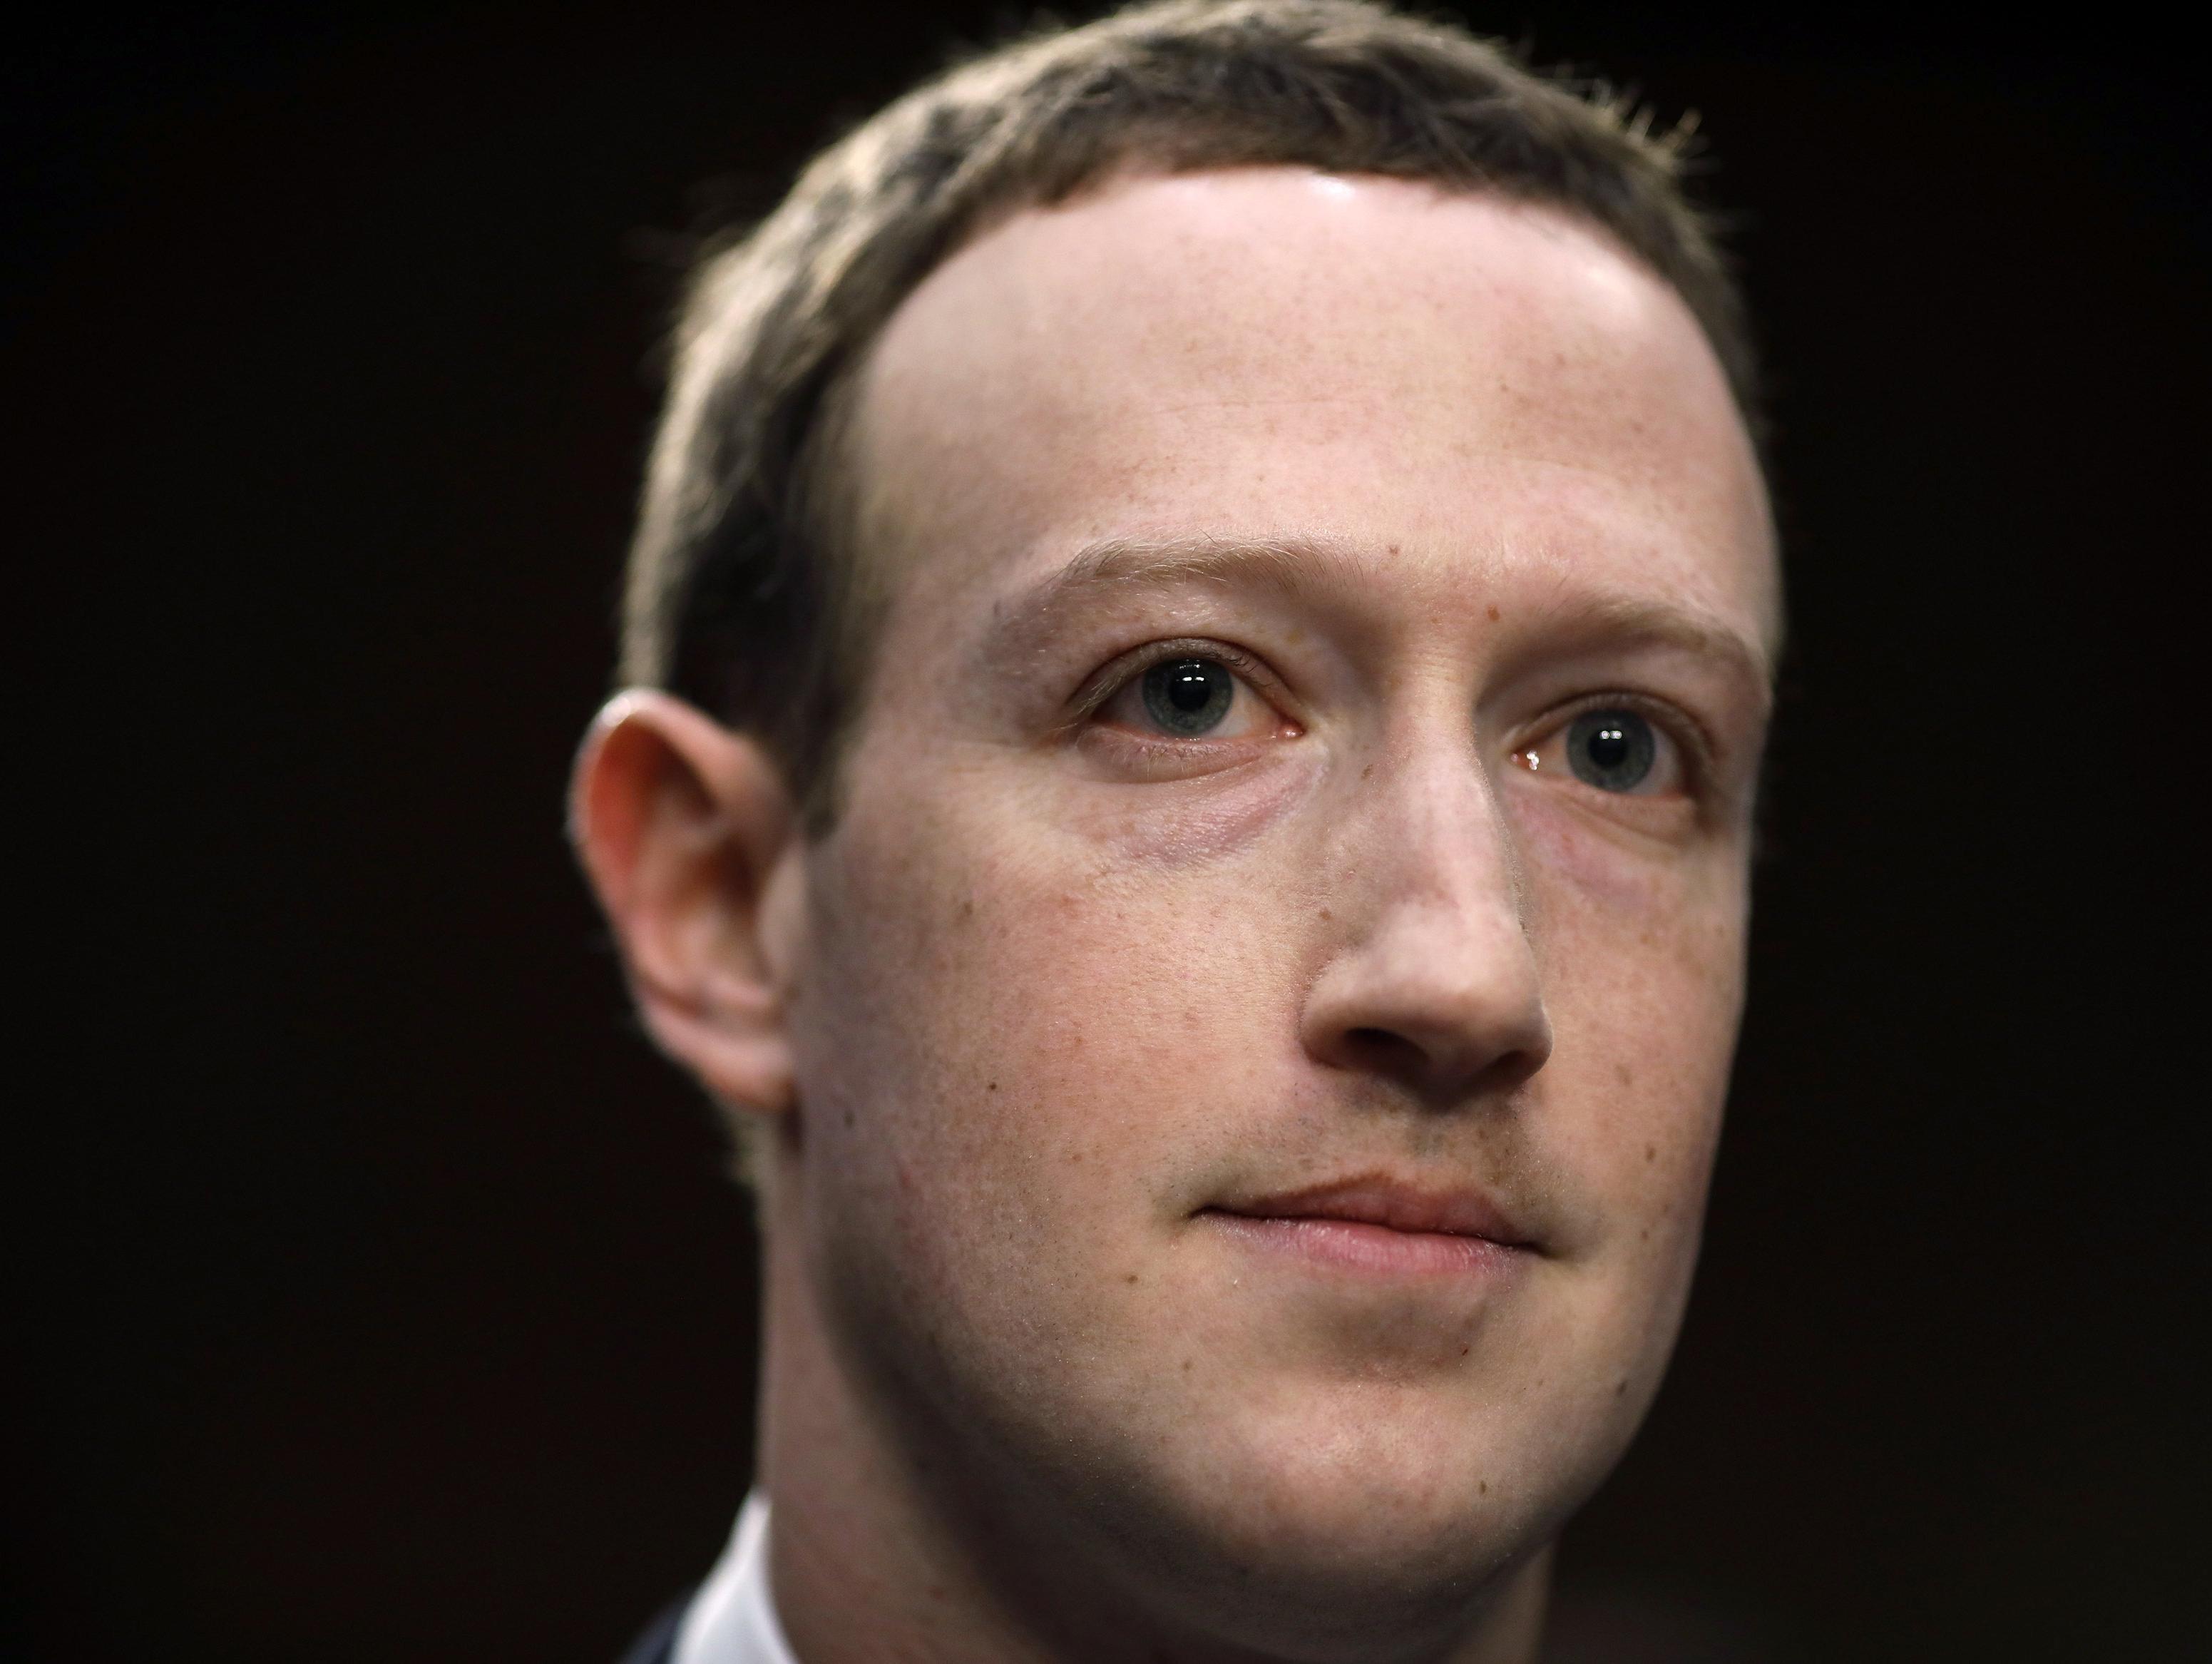 האם פייסבוק עוזרת לבניית רשתות טרור?